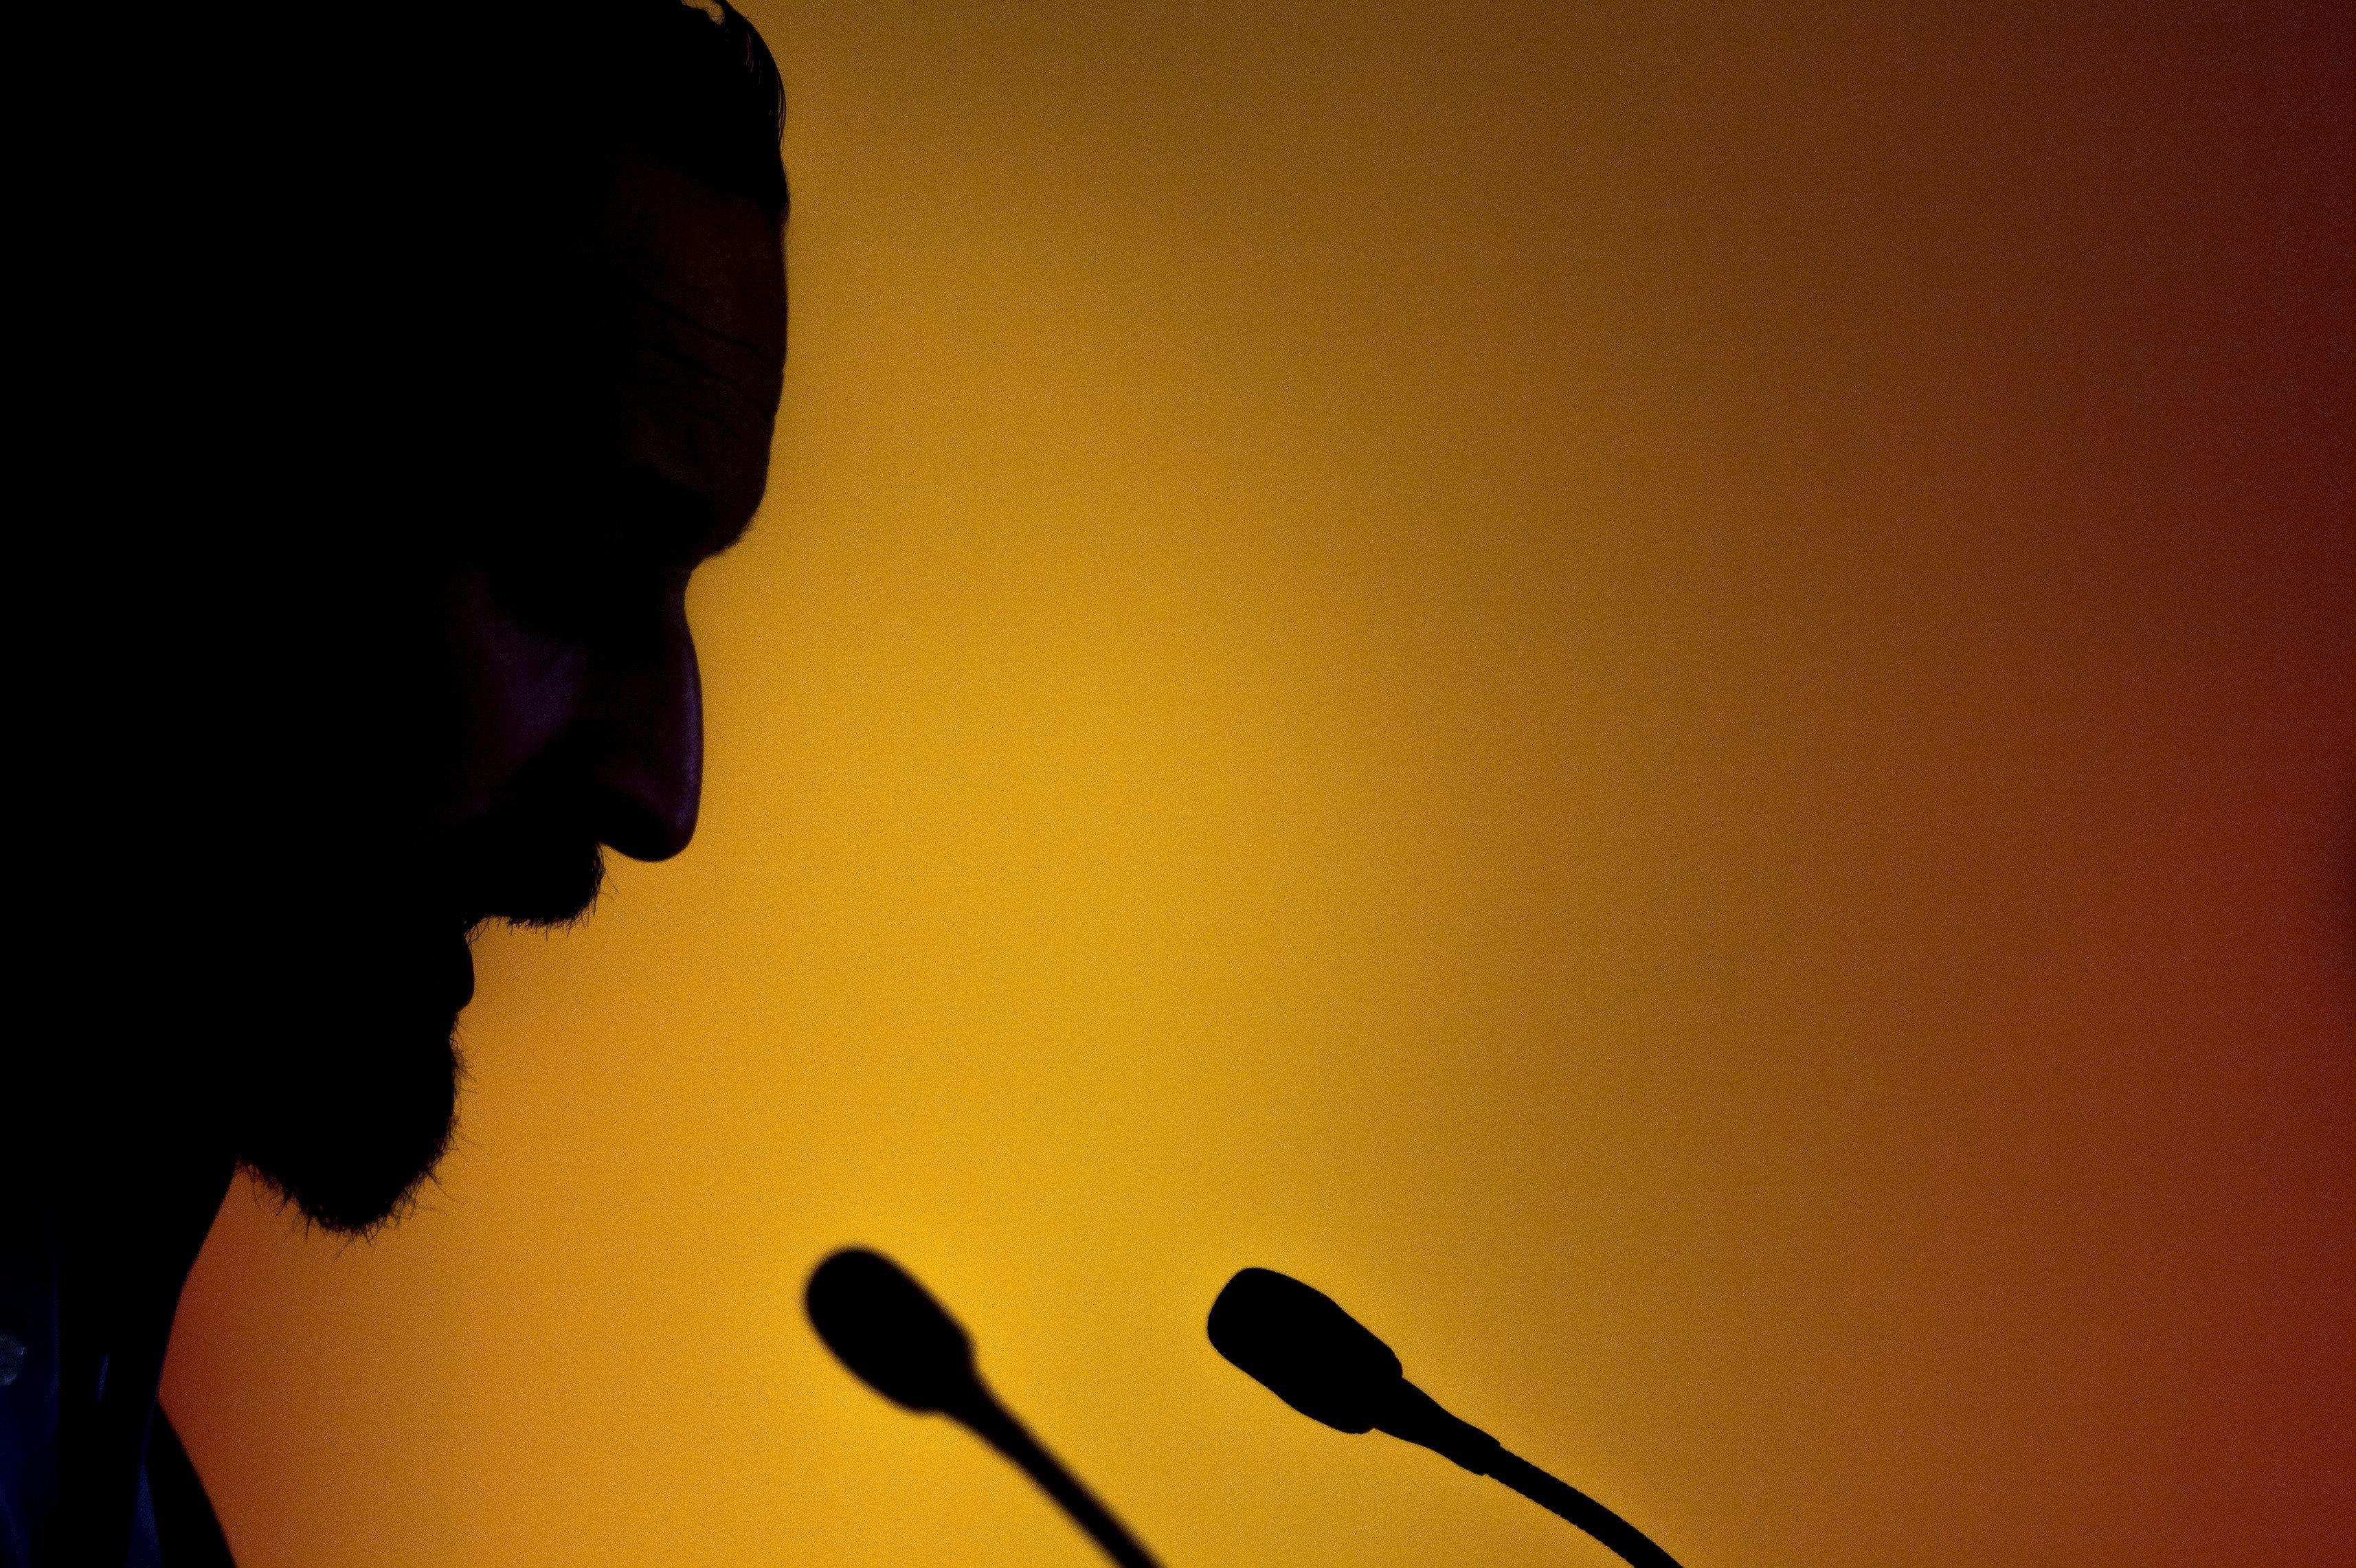 극우의 헤콘키스타 : 스페인 극우정당 'Vox' 의